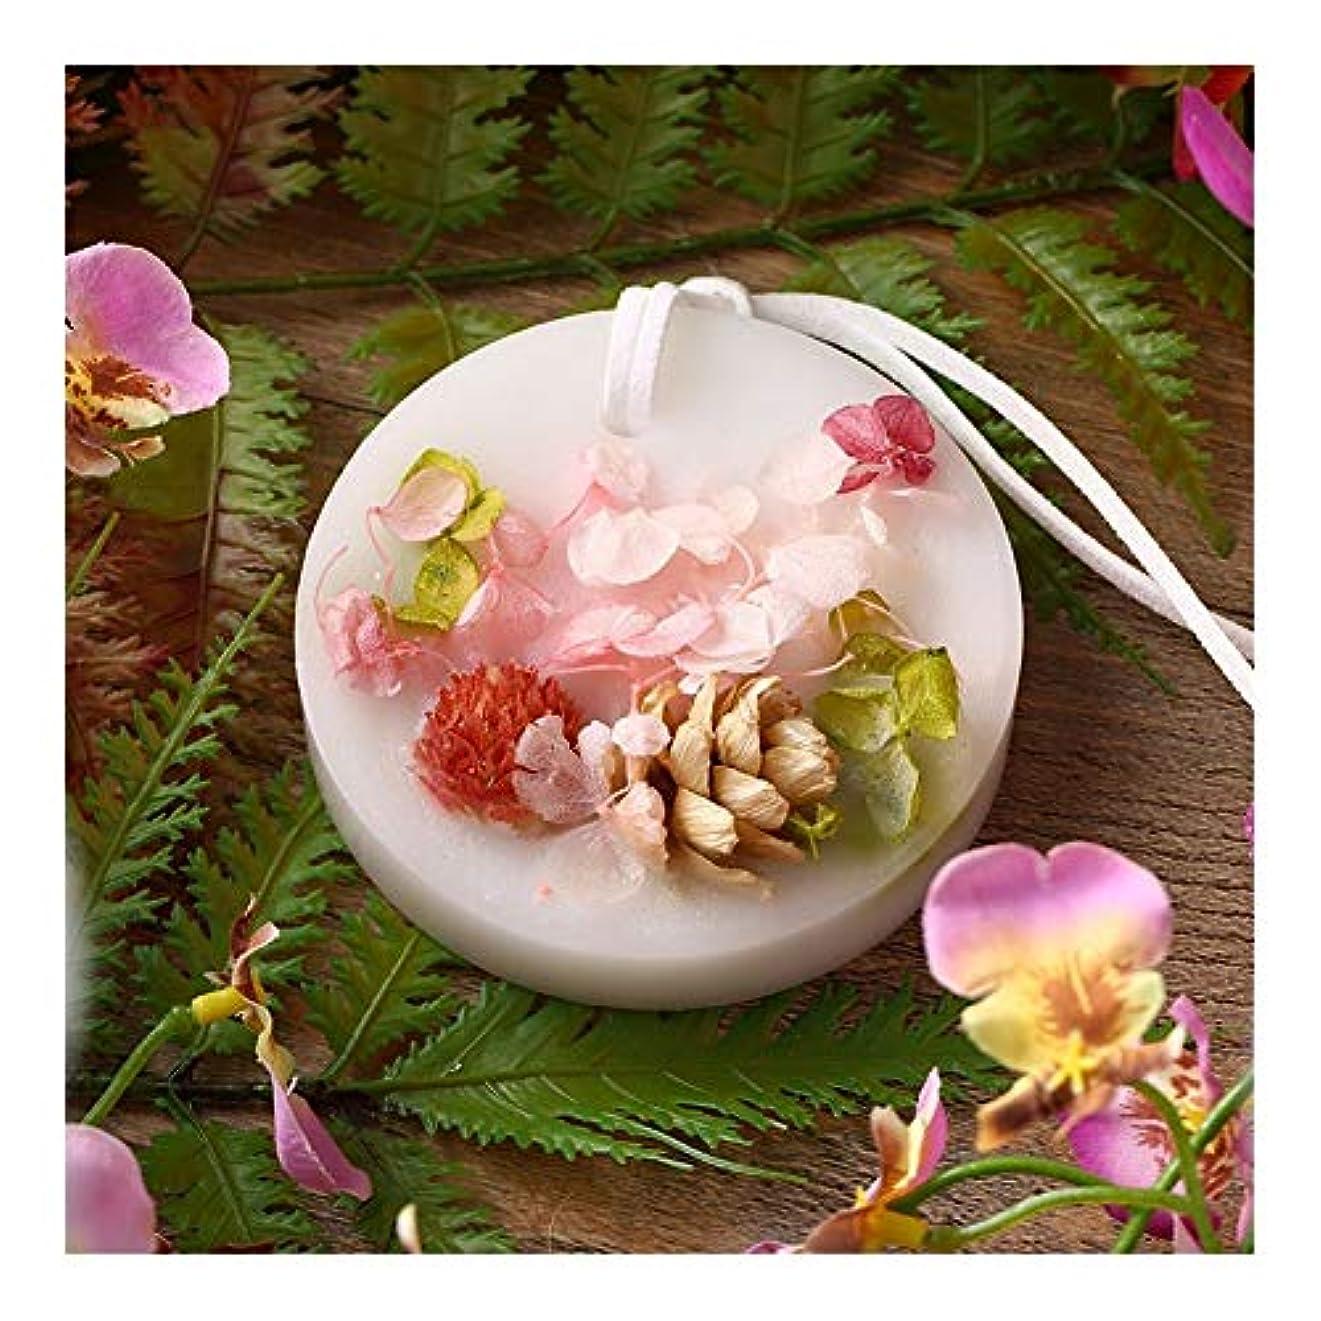 オセアニアミキサー乳製品Guomao ドライフラワー香料入りワックスタブレットワードローブ引き出しお香ワックス、香料入りキャンドル